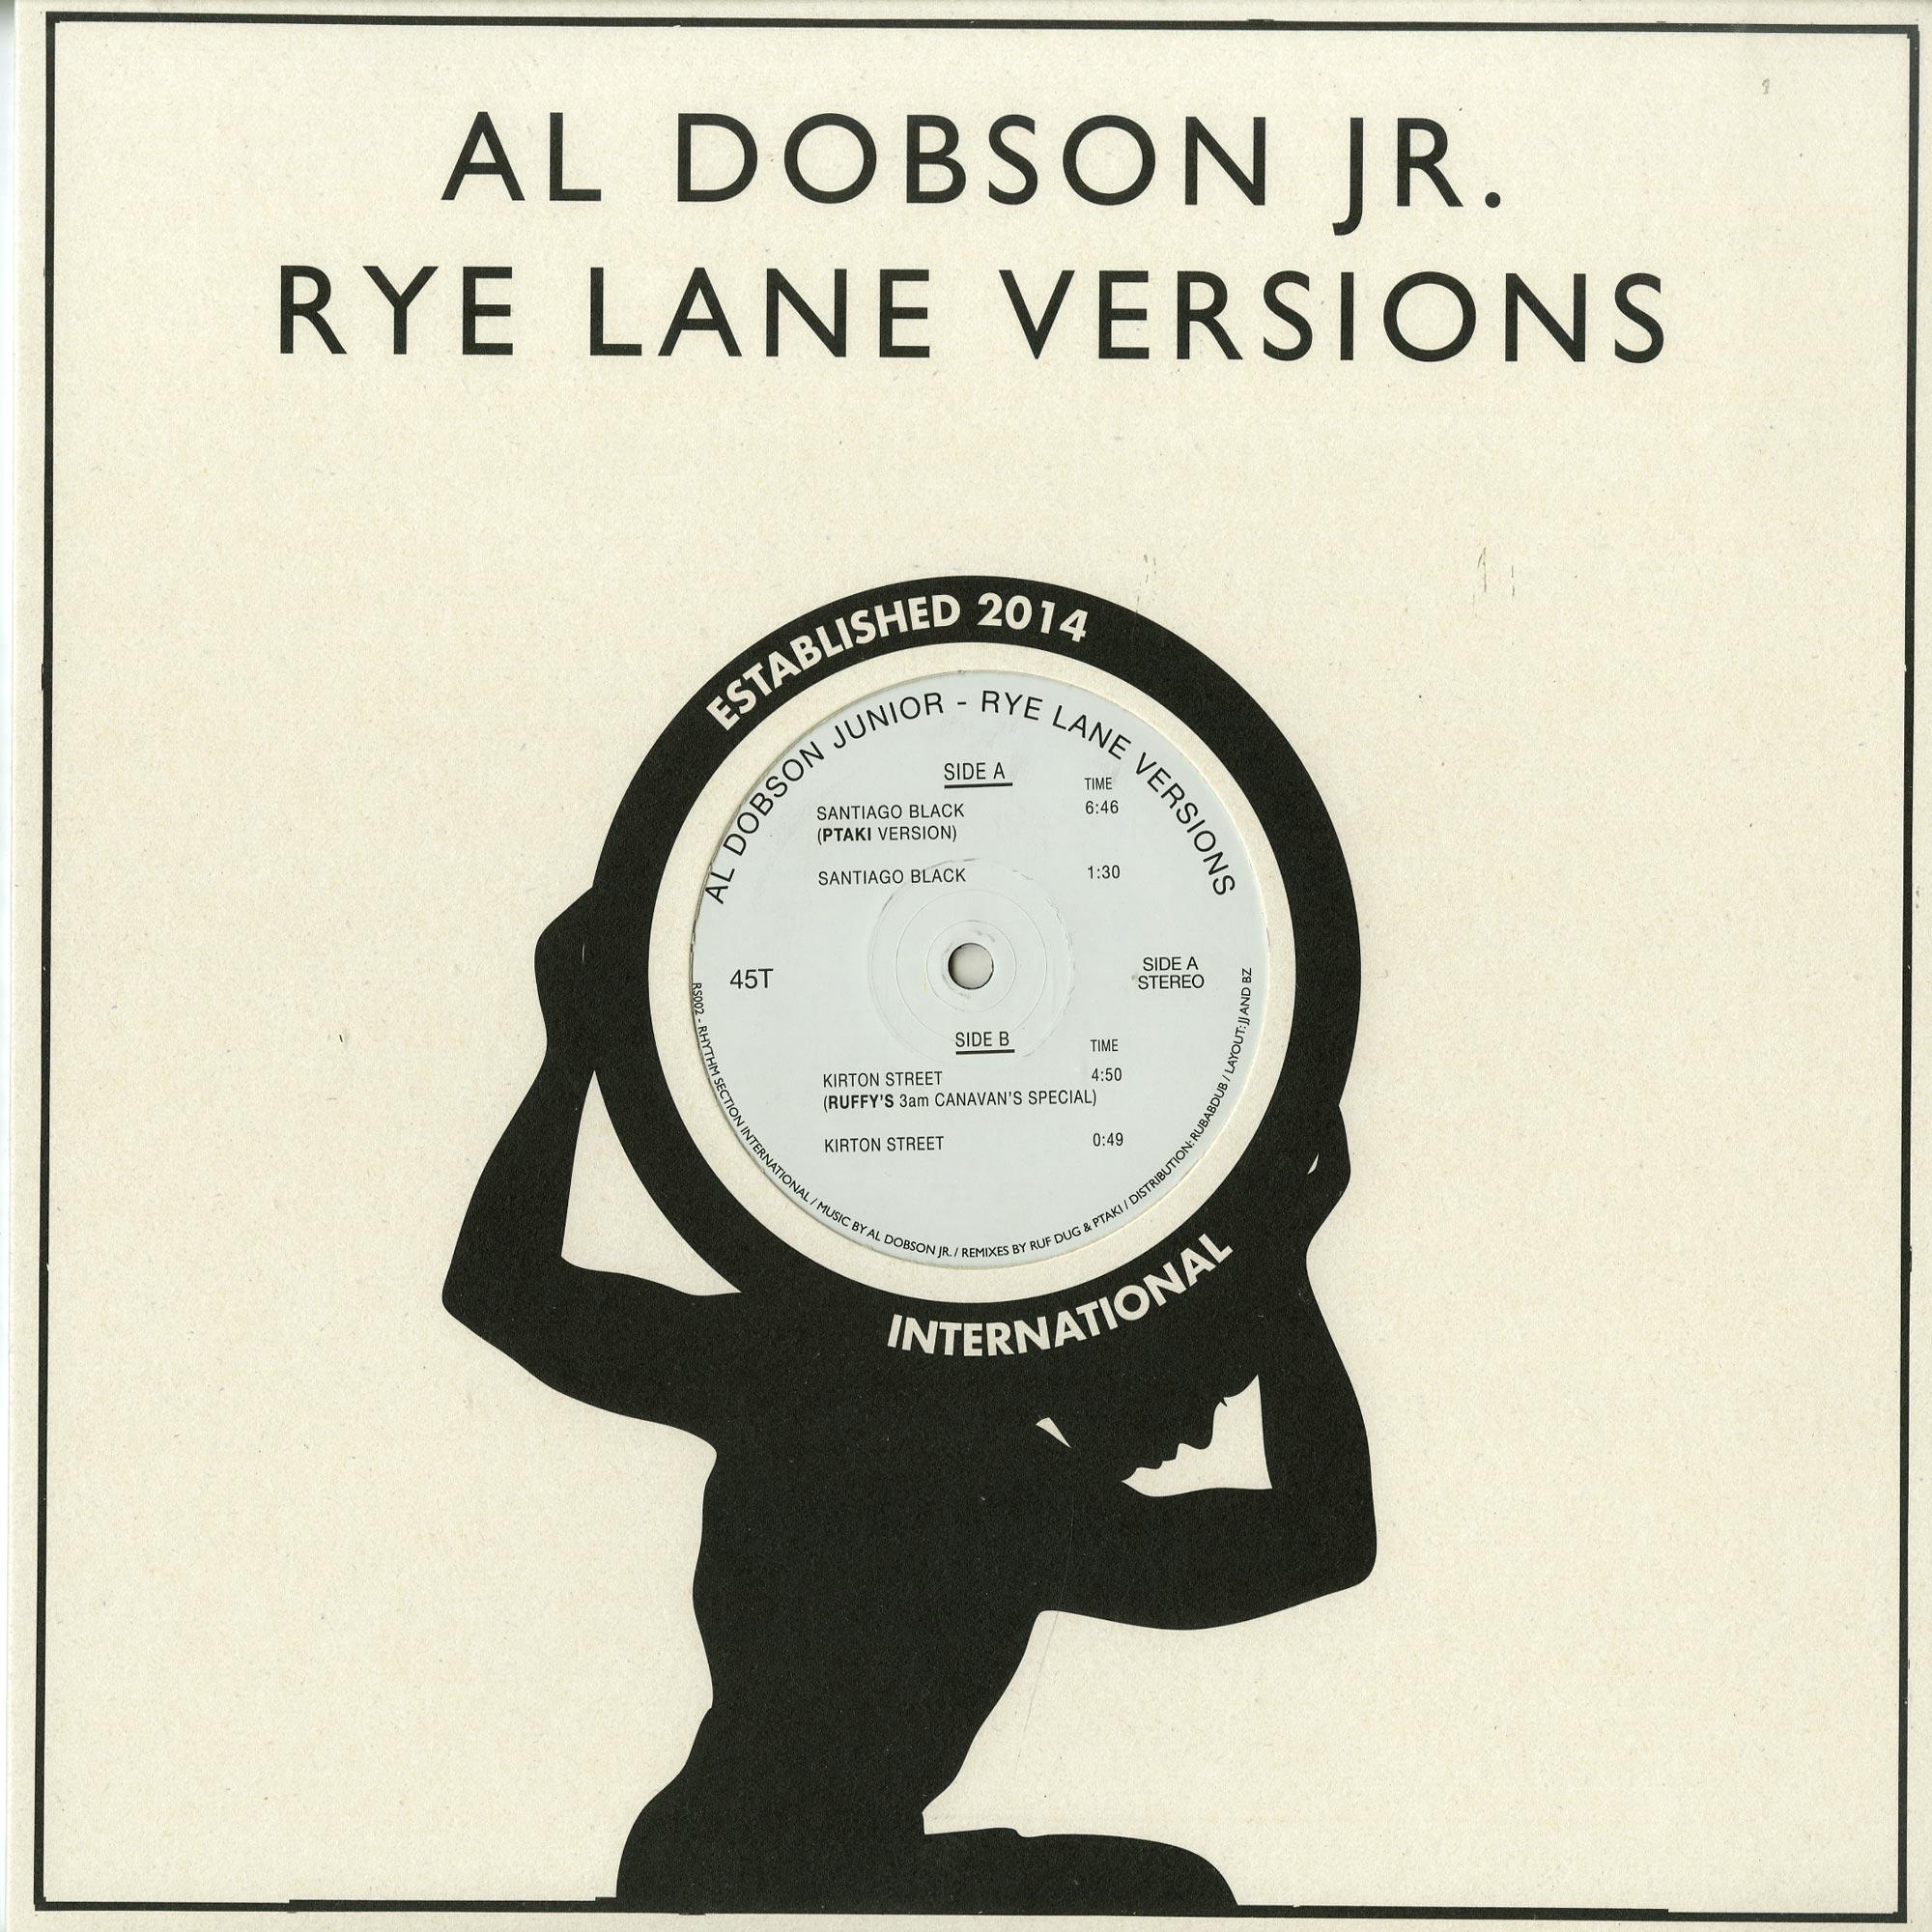 Al Dobson jr. - rye lane versions